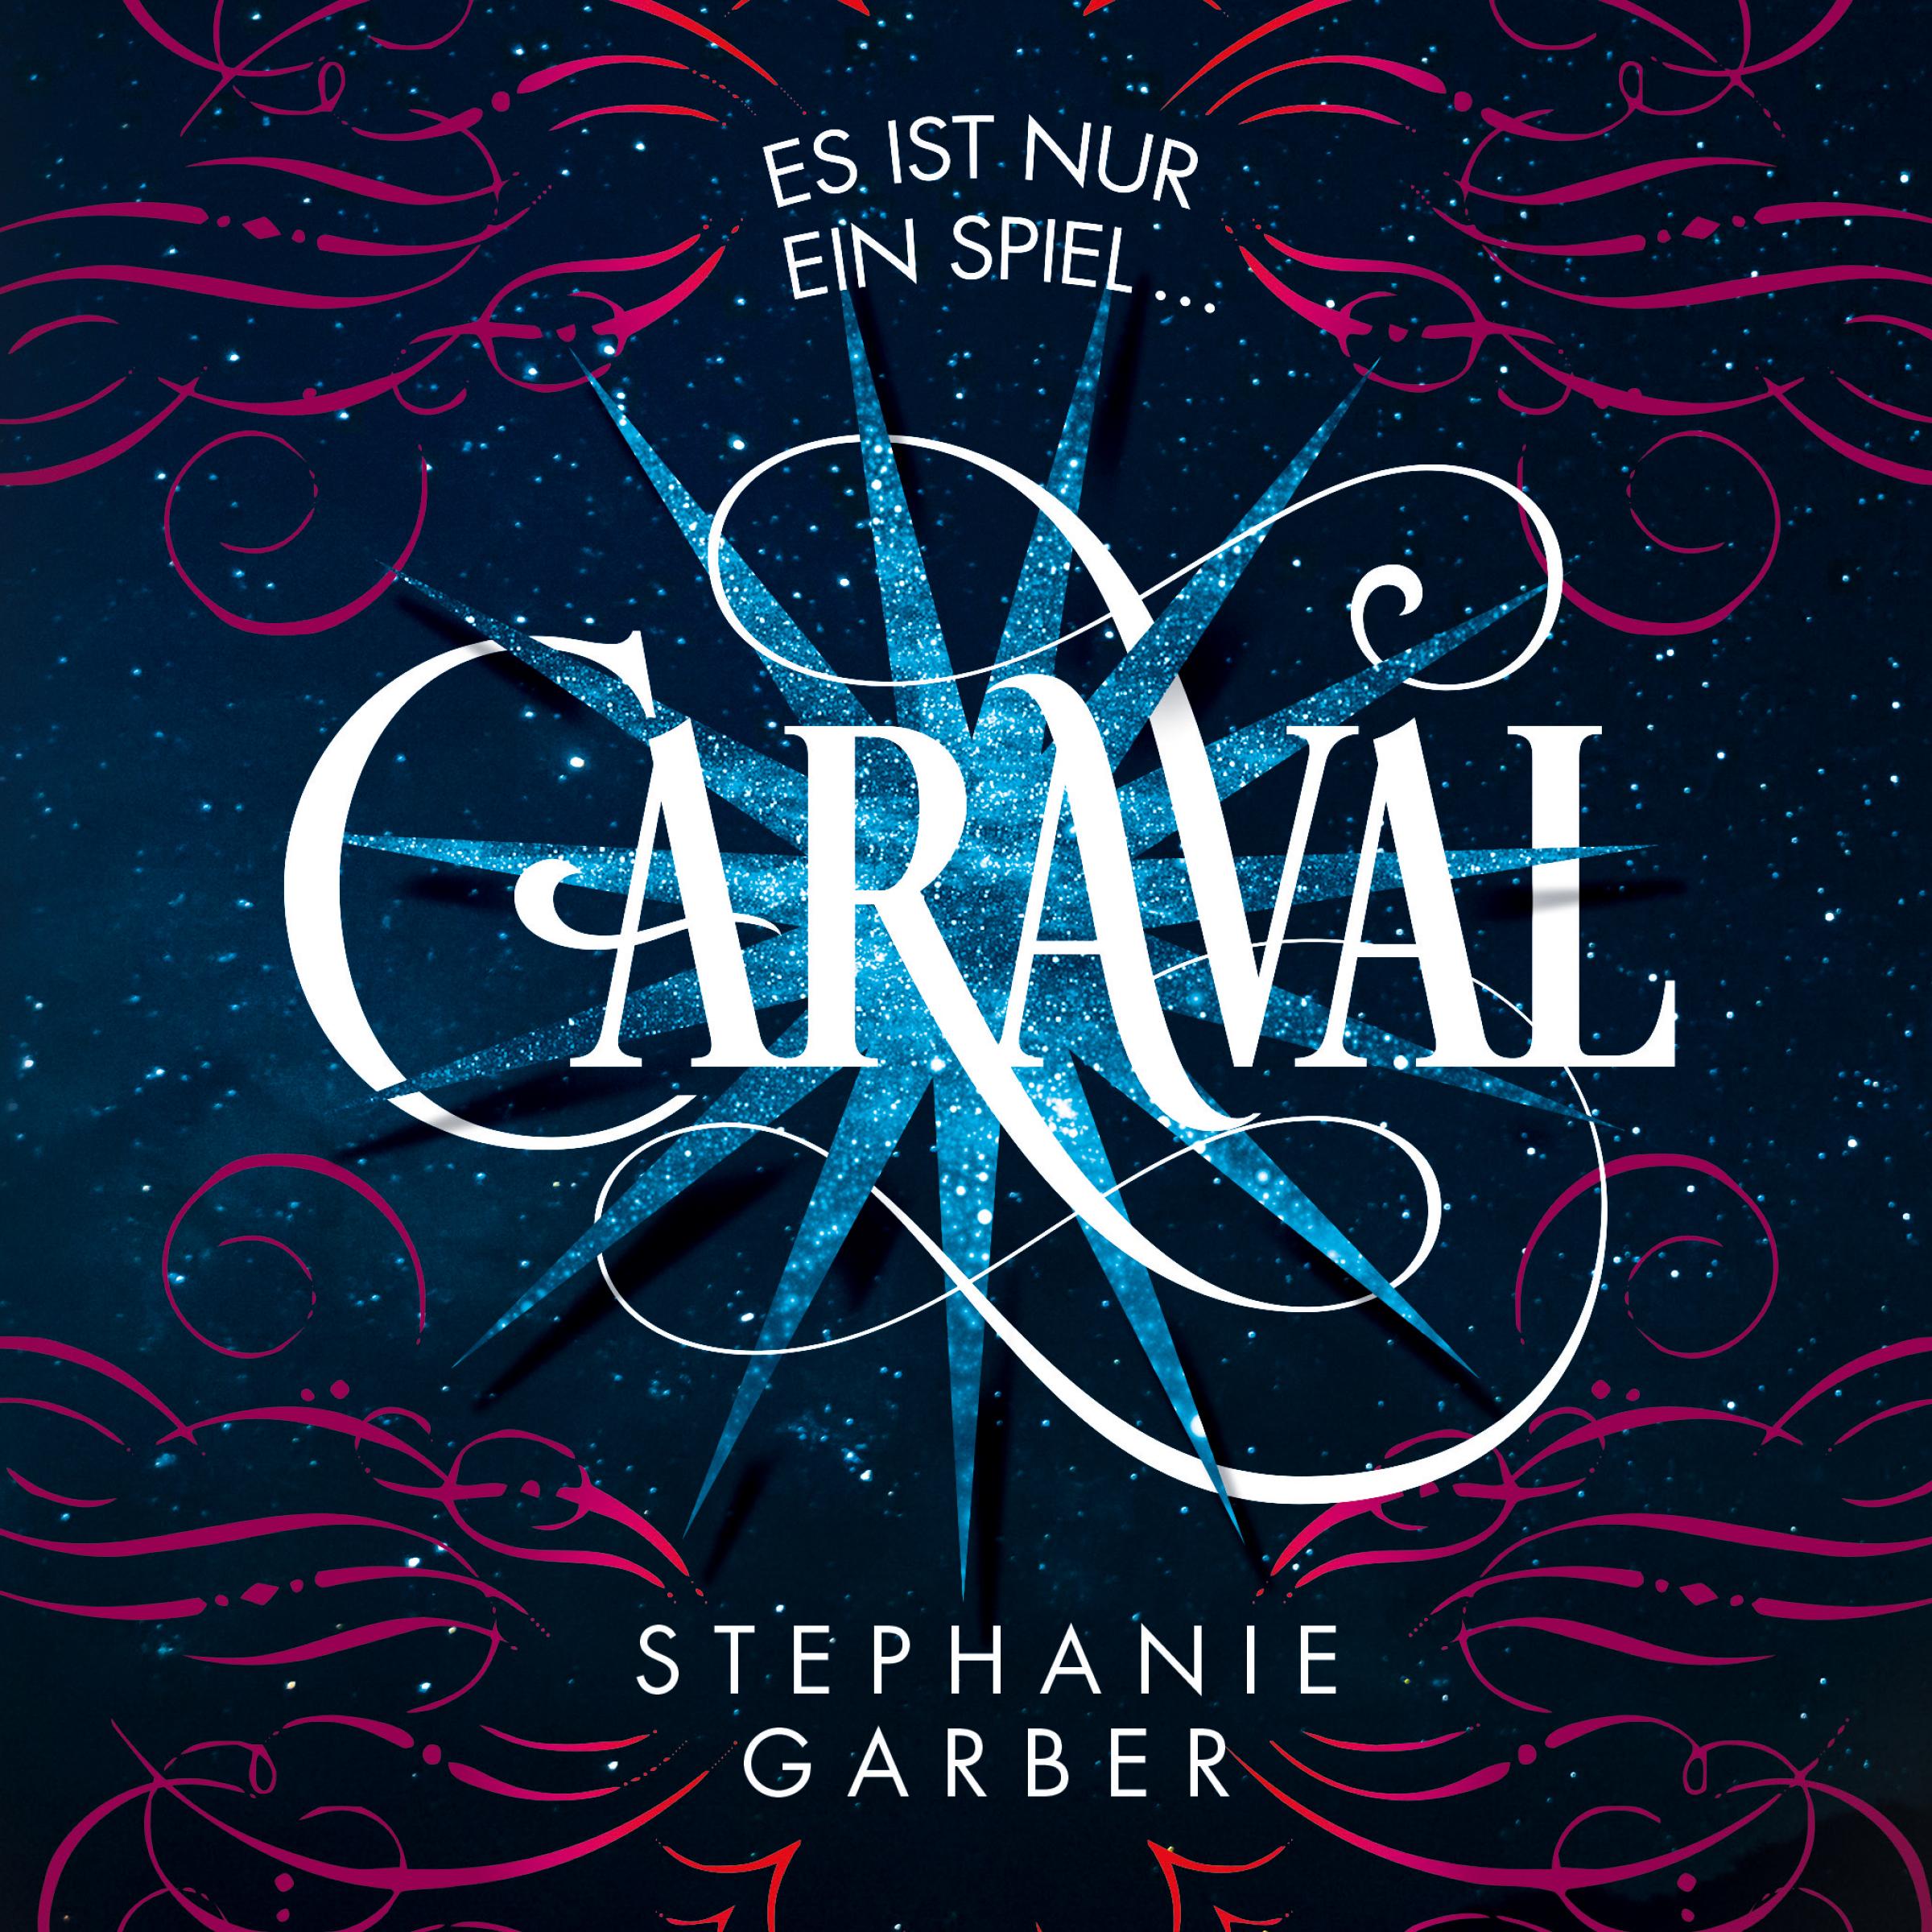 """""""Caraval - Es ist nur ein Spiel..."""" von Stephanie Garber, Hörbuch, Jugendbuch"""